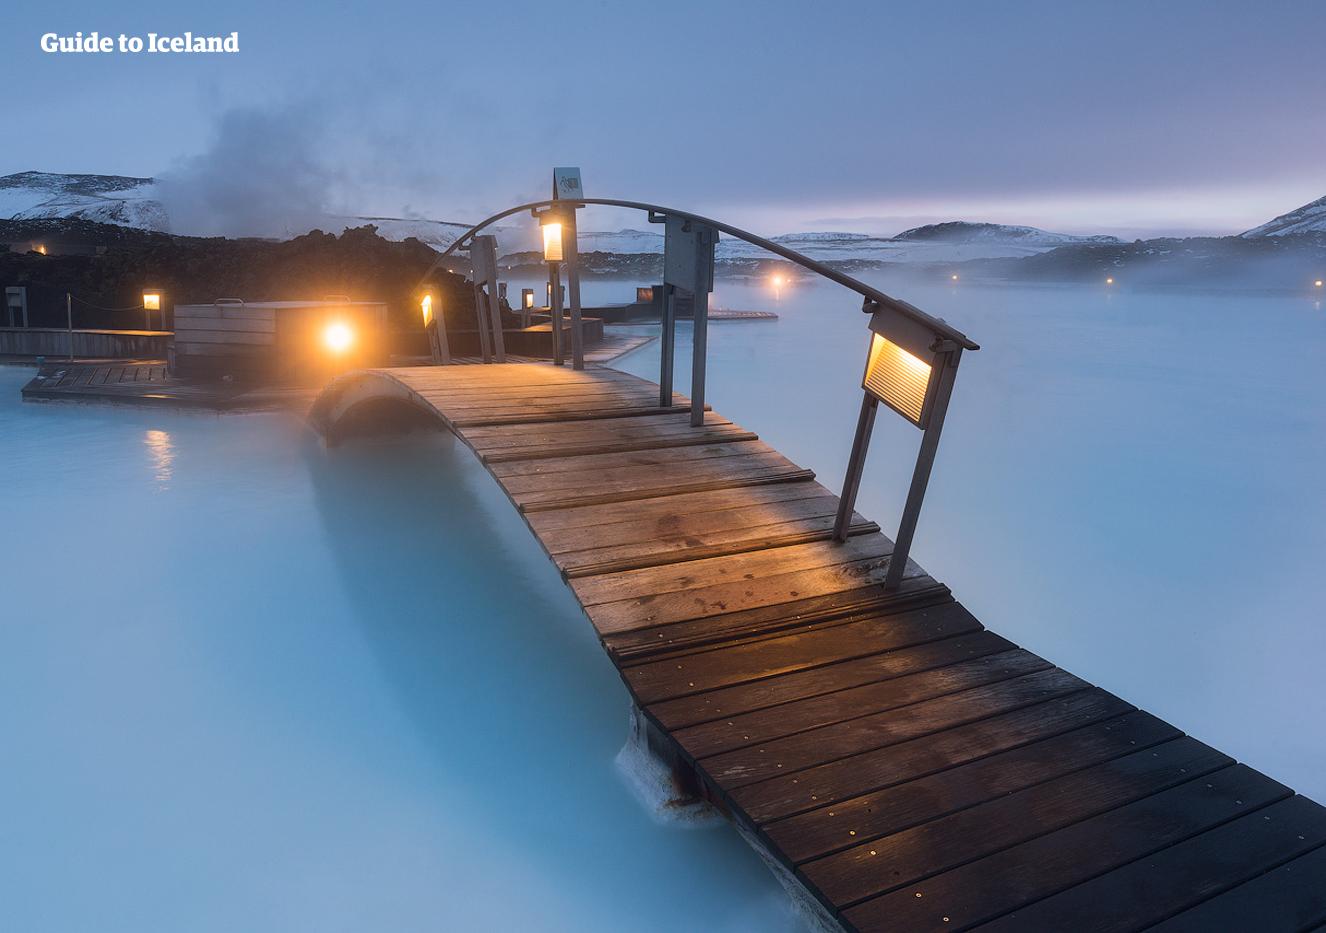 Die Blaue Lagune ist ein wunderschönes Wellnessbad auf der Halbinsel Reykjanes.